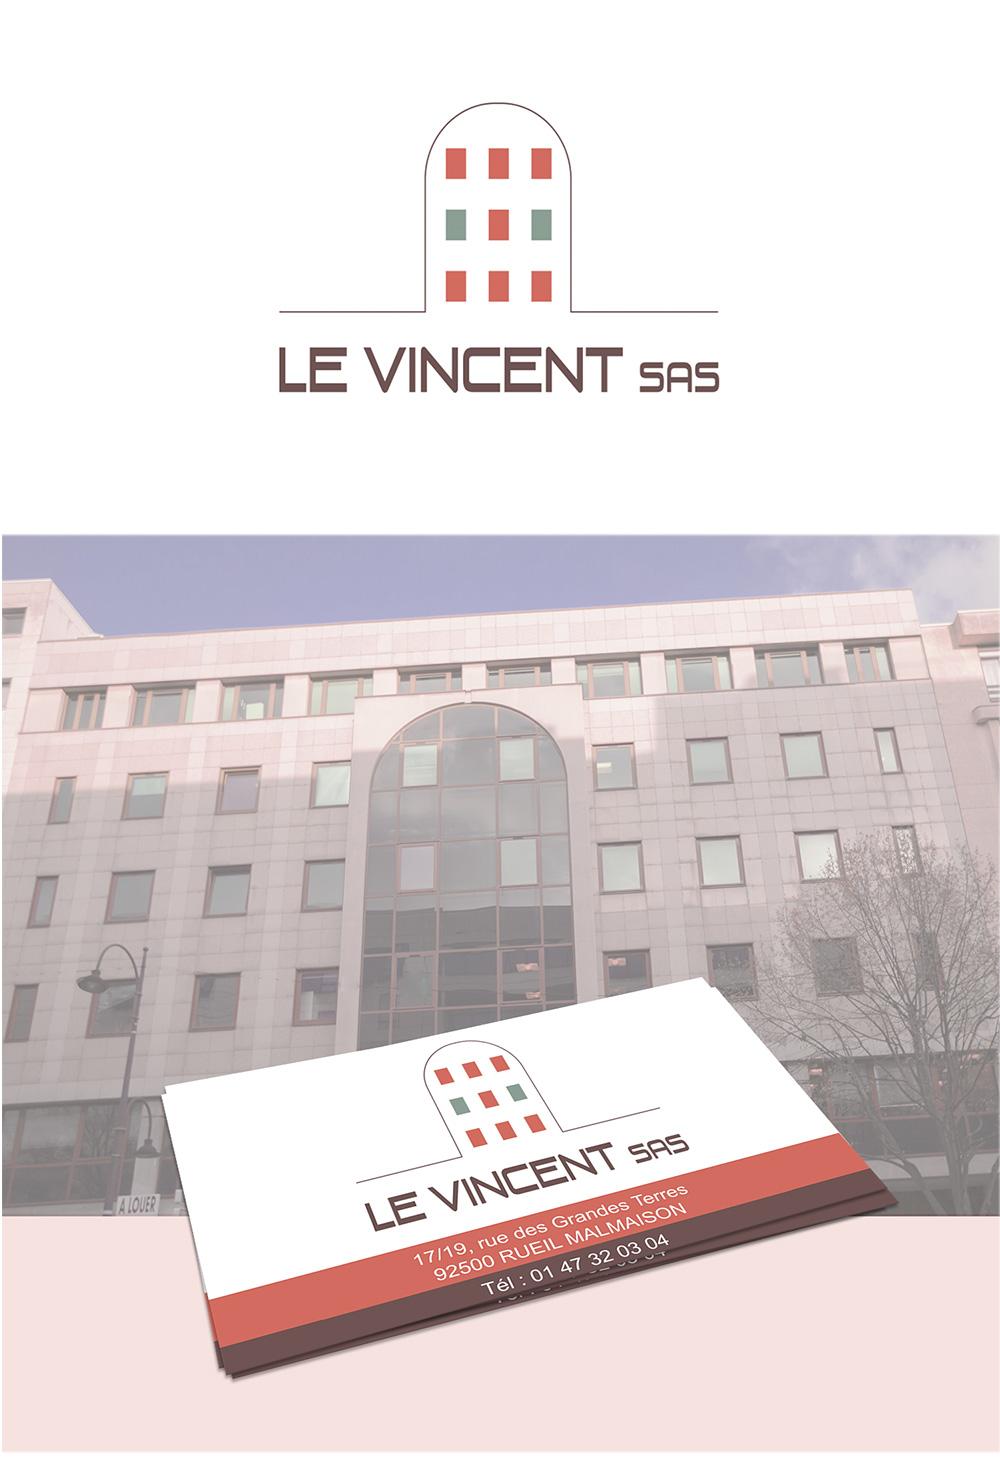 Identité visuelle - Le Vincent SAS - par Turkoiz Créations by Valérie Perrodo